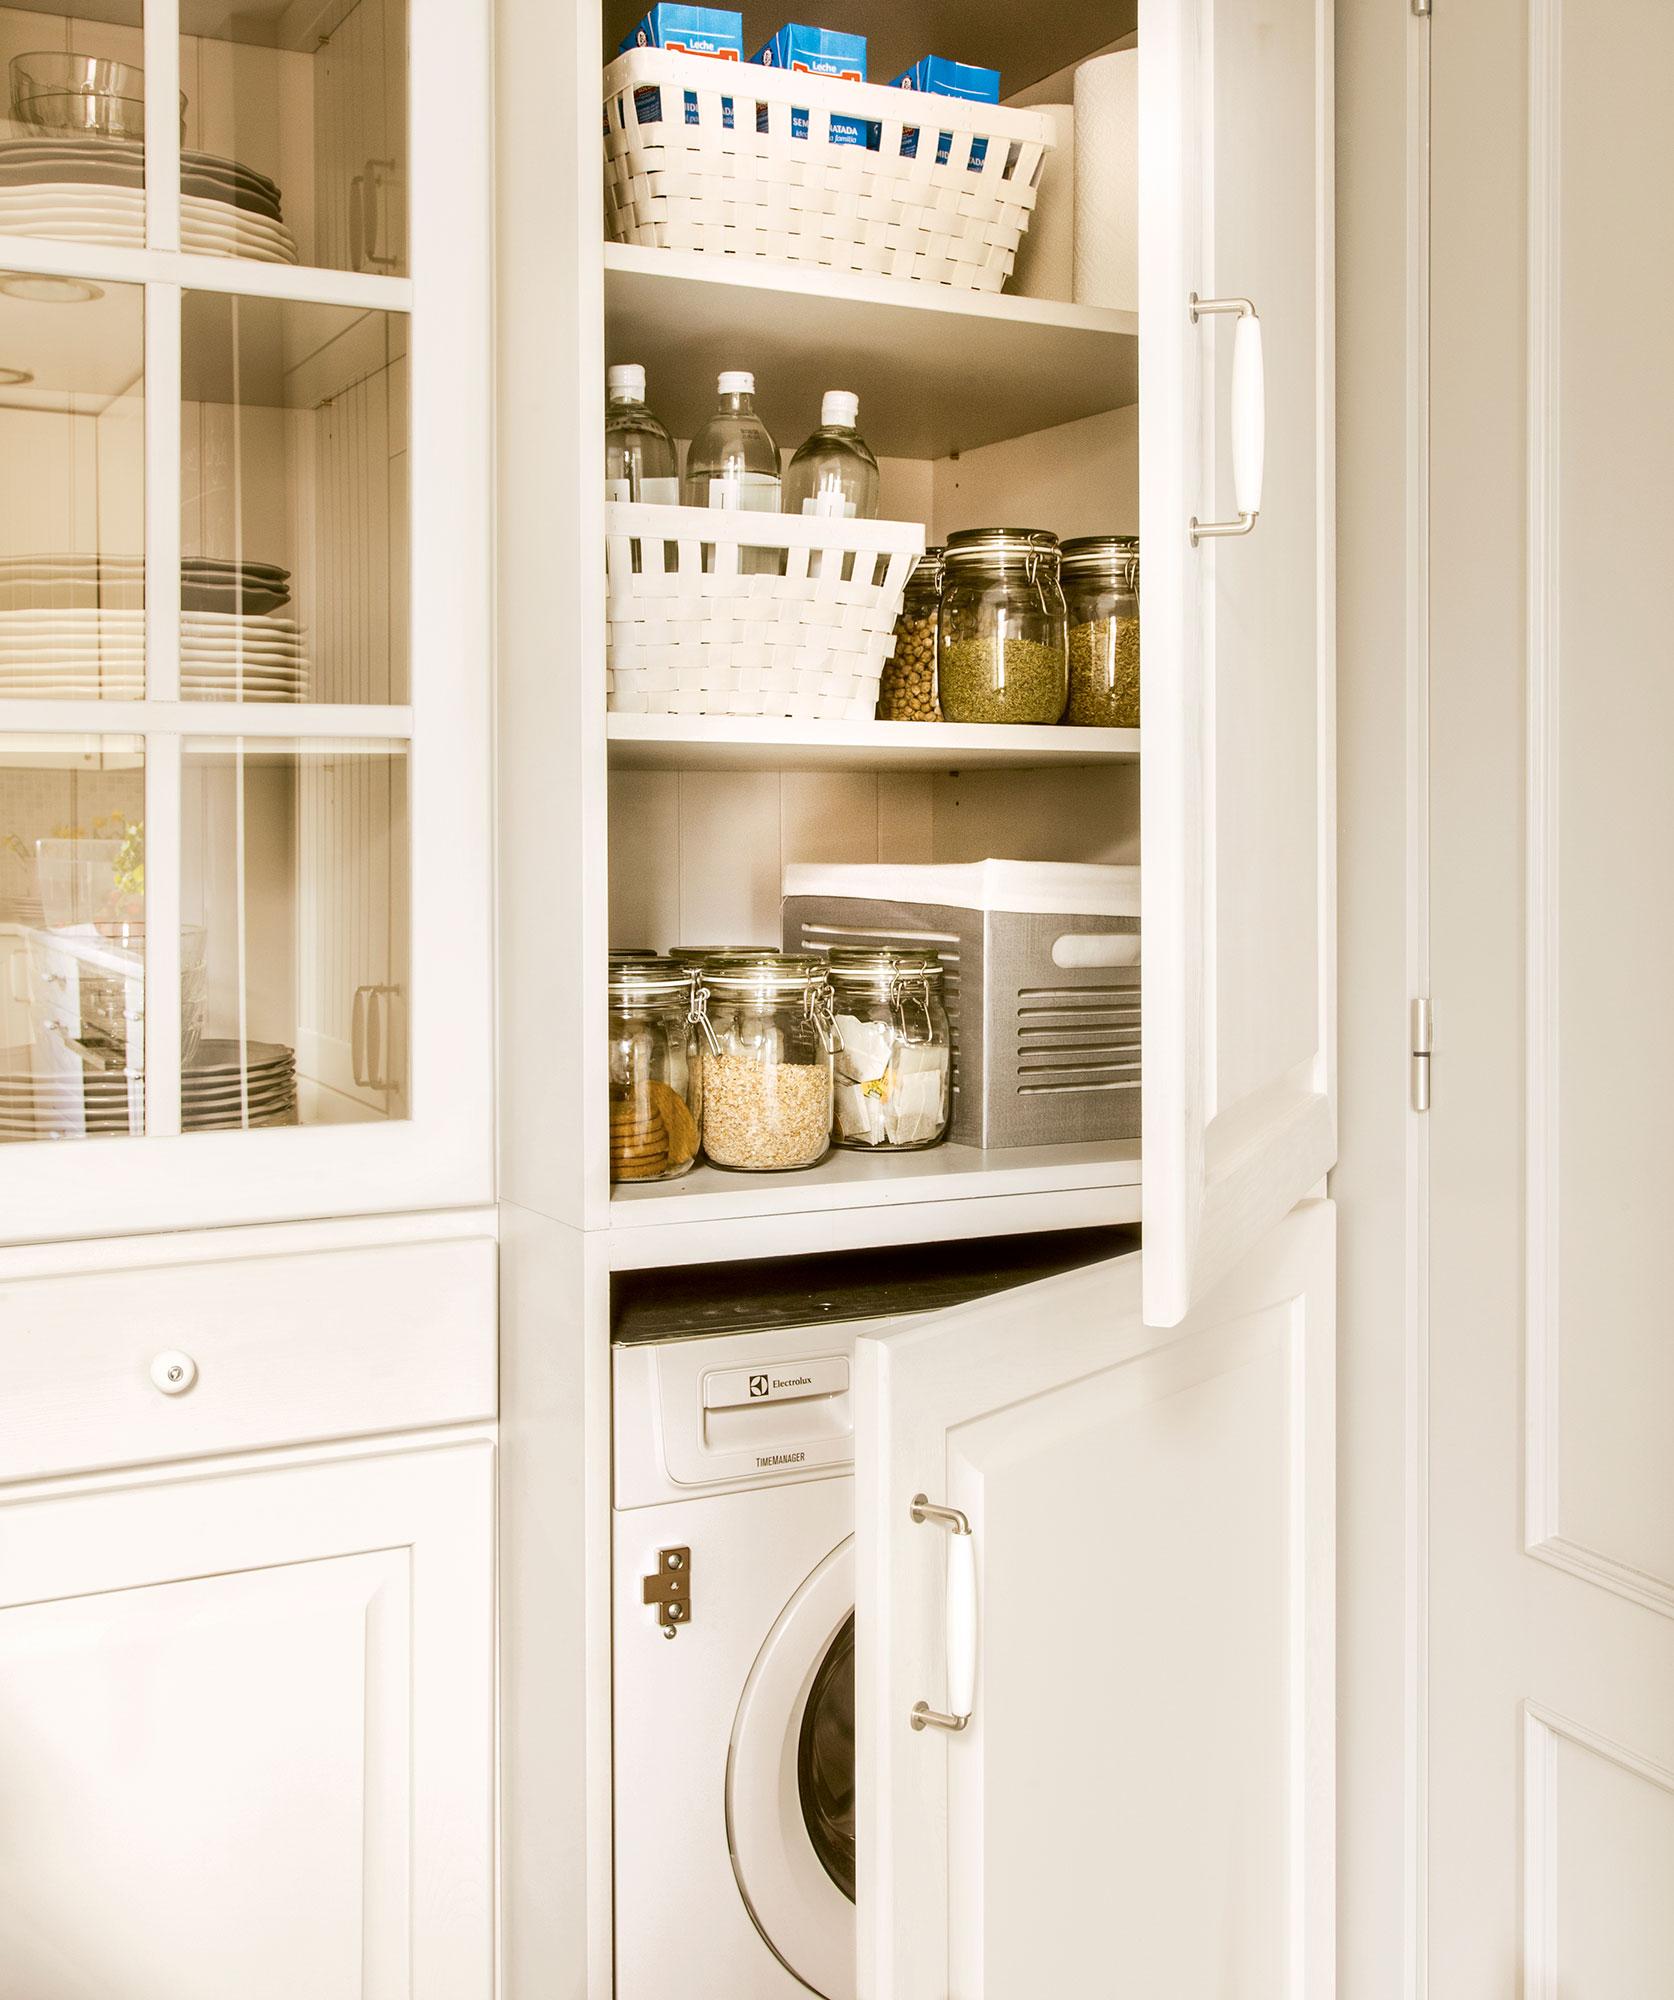 D nde poner la lavadora en casa - Ropa de cocina ...